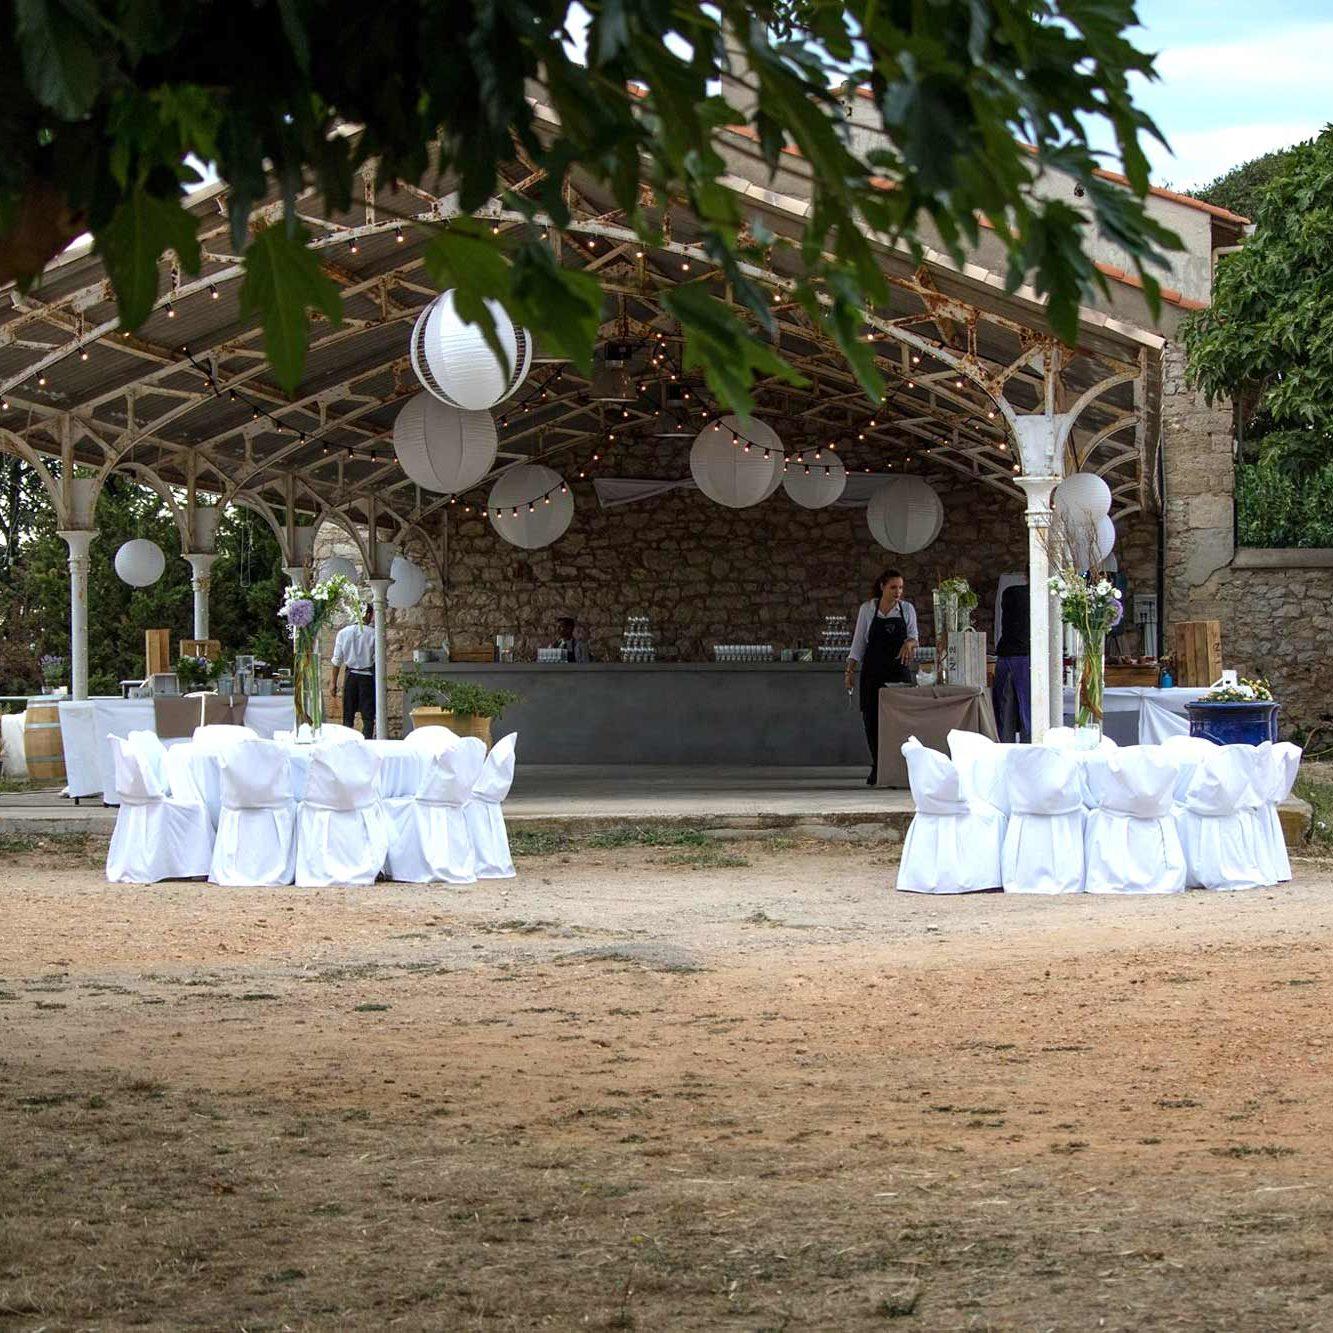 domaine-fangouse-manade-elevage-taureaux-chevaux-camargue-location-salle-mariage-evenements-caleche-lattes-perols-montpellier-mauguio-occitanie-bouches-rhone-visuel-18